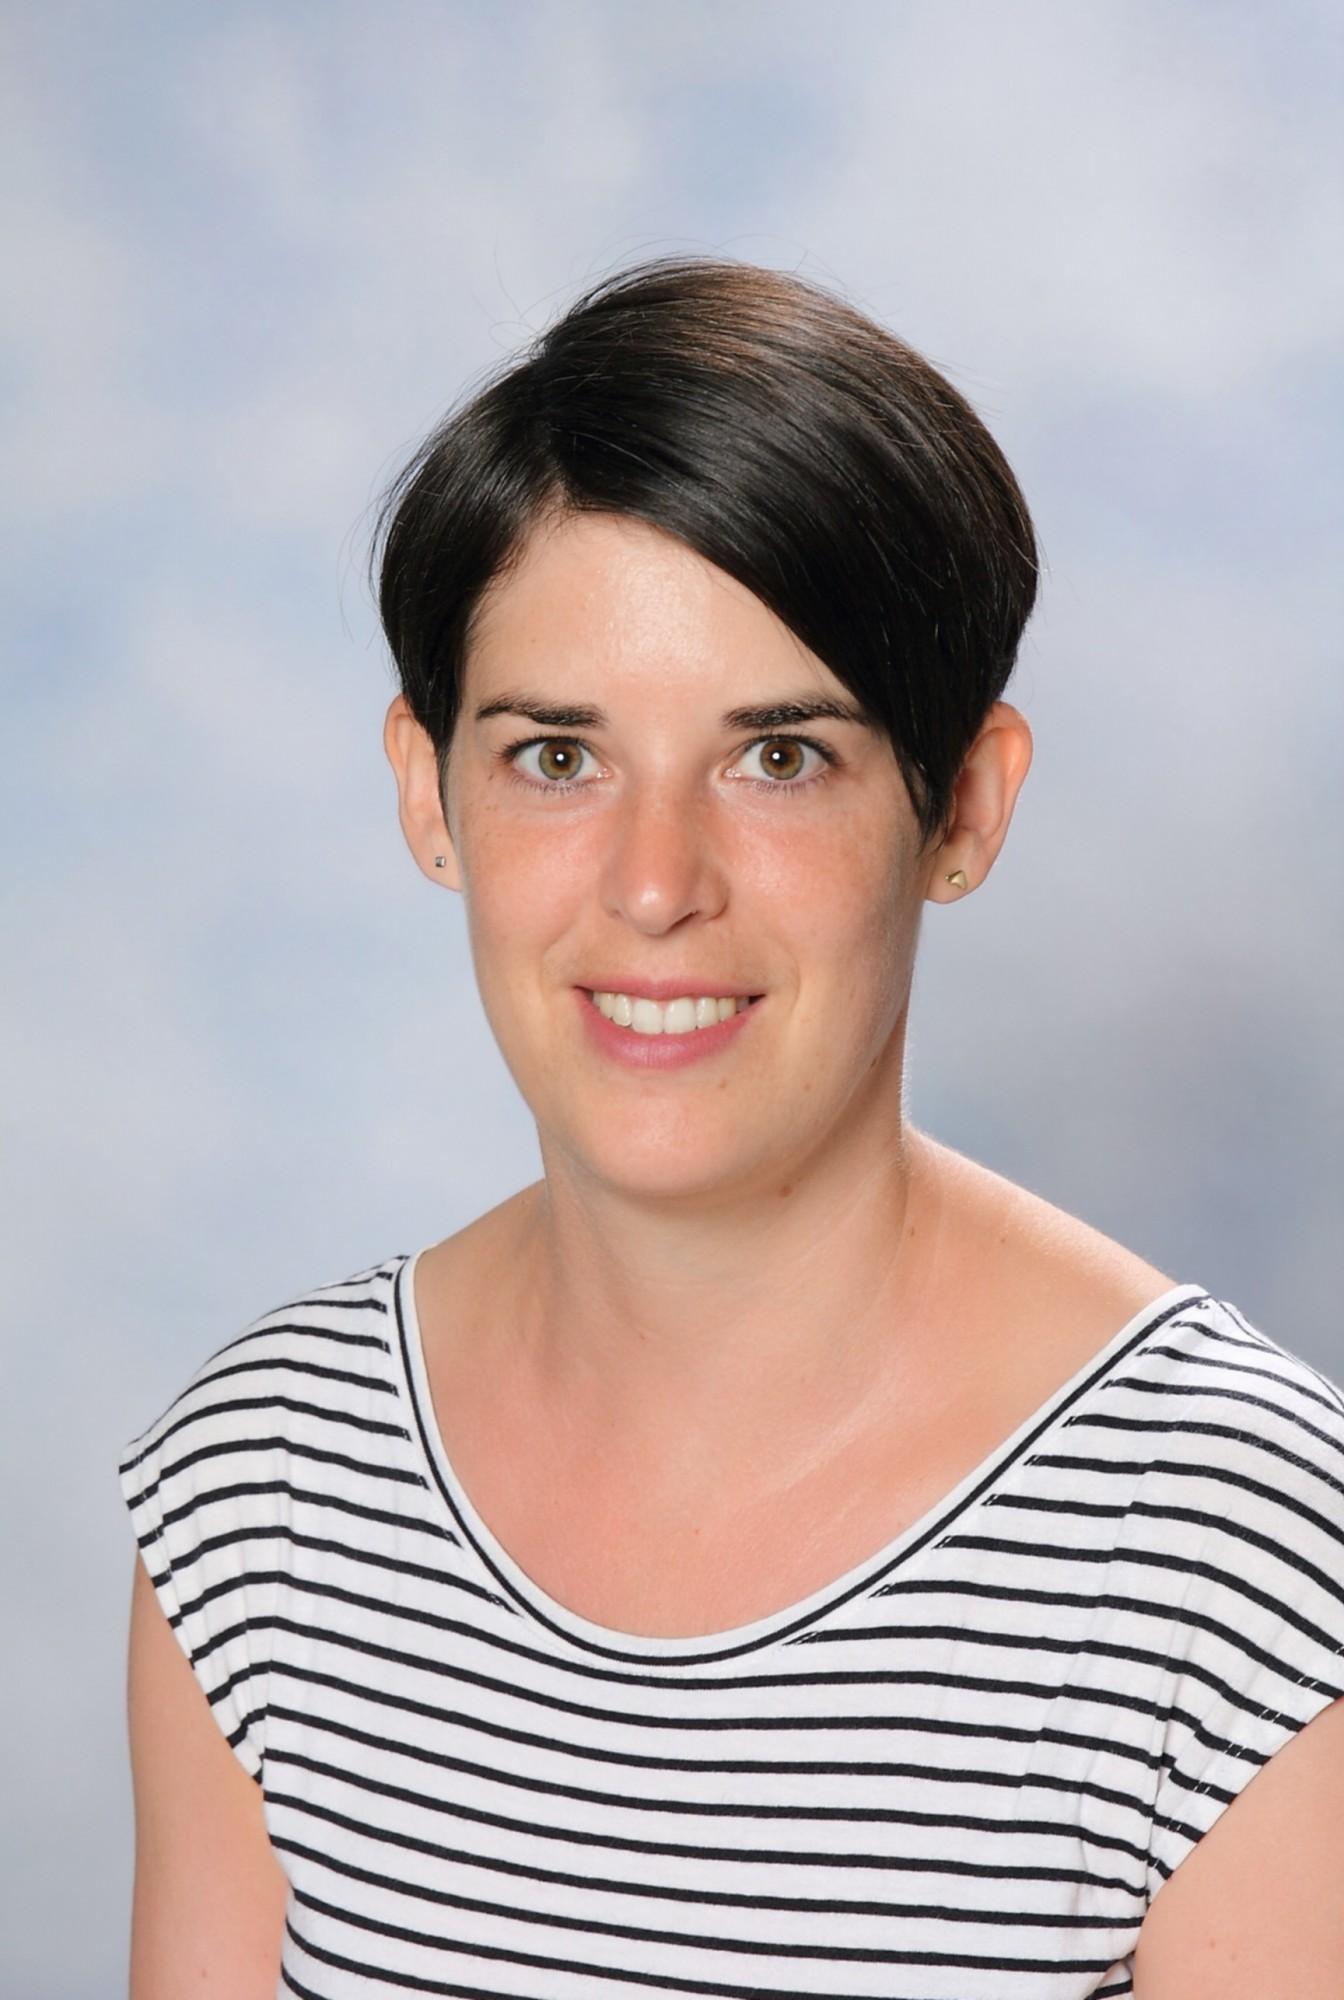 Bernadette Gruber